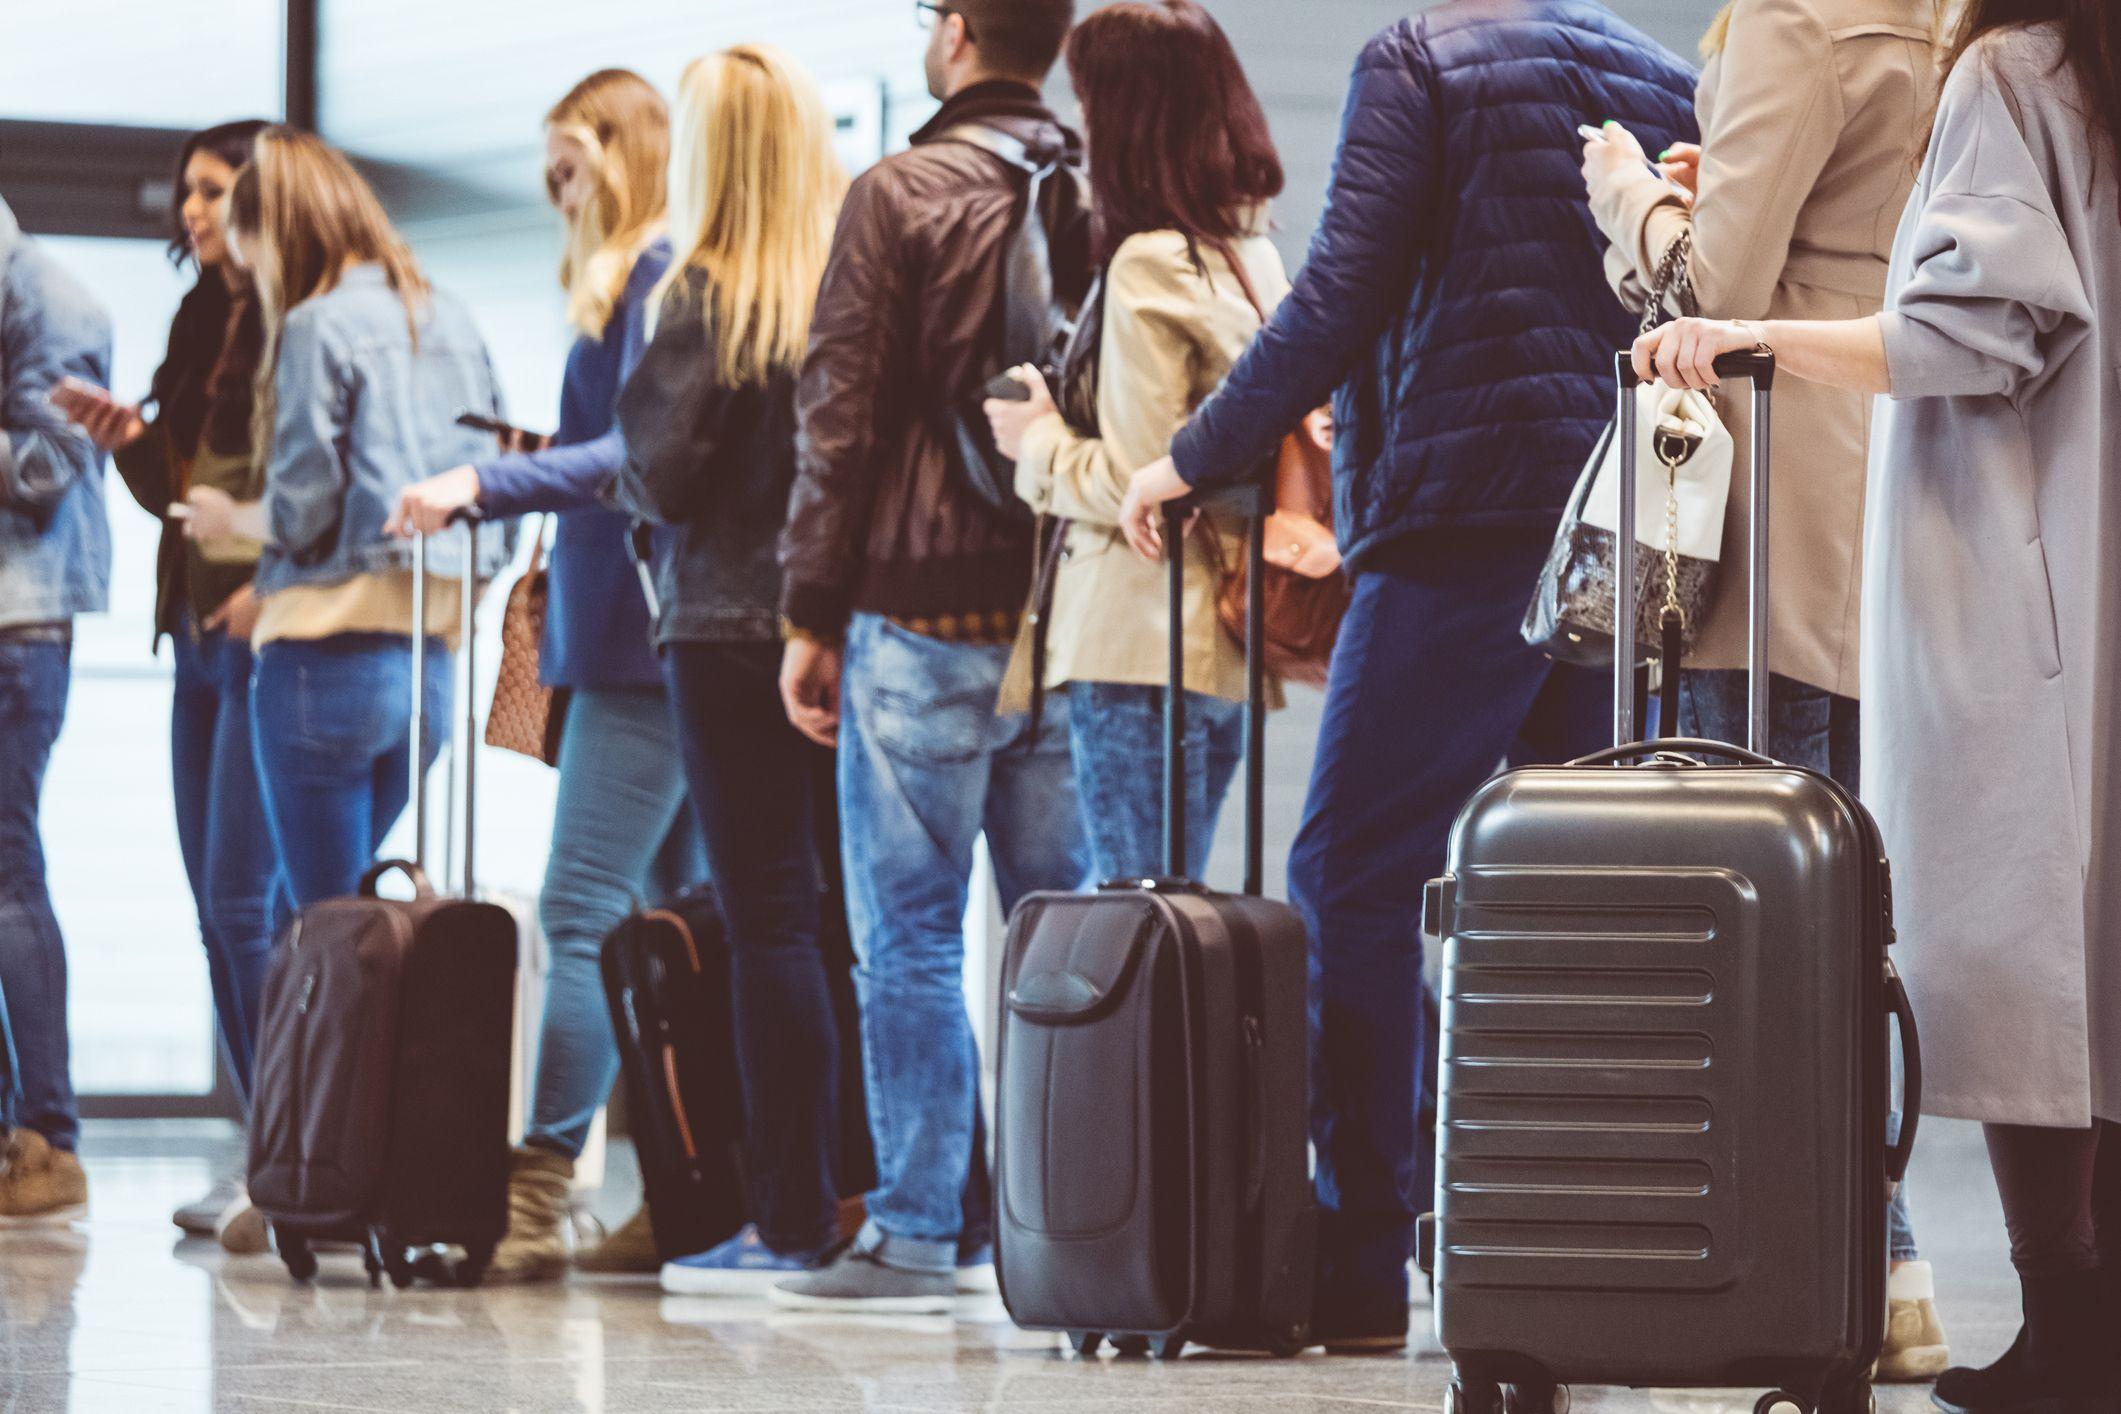 Se puede añadir a la indemnización los servicios pagados que ya no se puedan disfrutar o gastos extras consecuencia de la cancelación o retraso del vuelo.